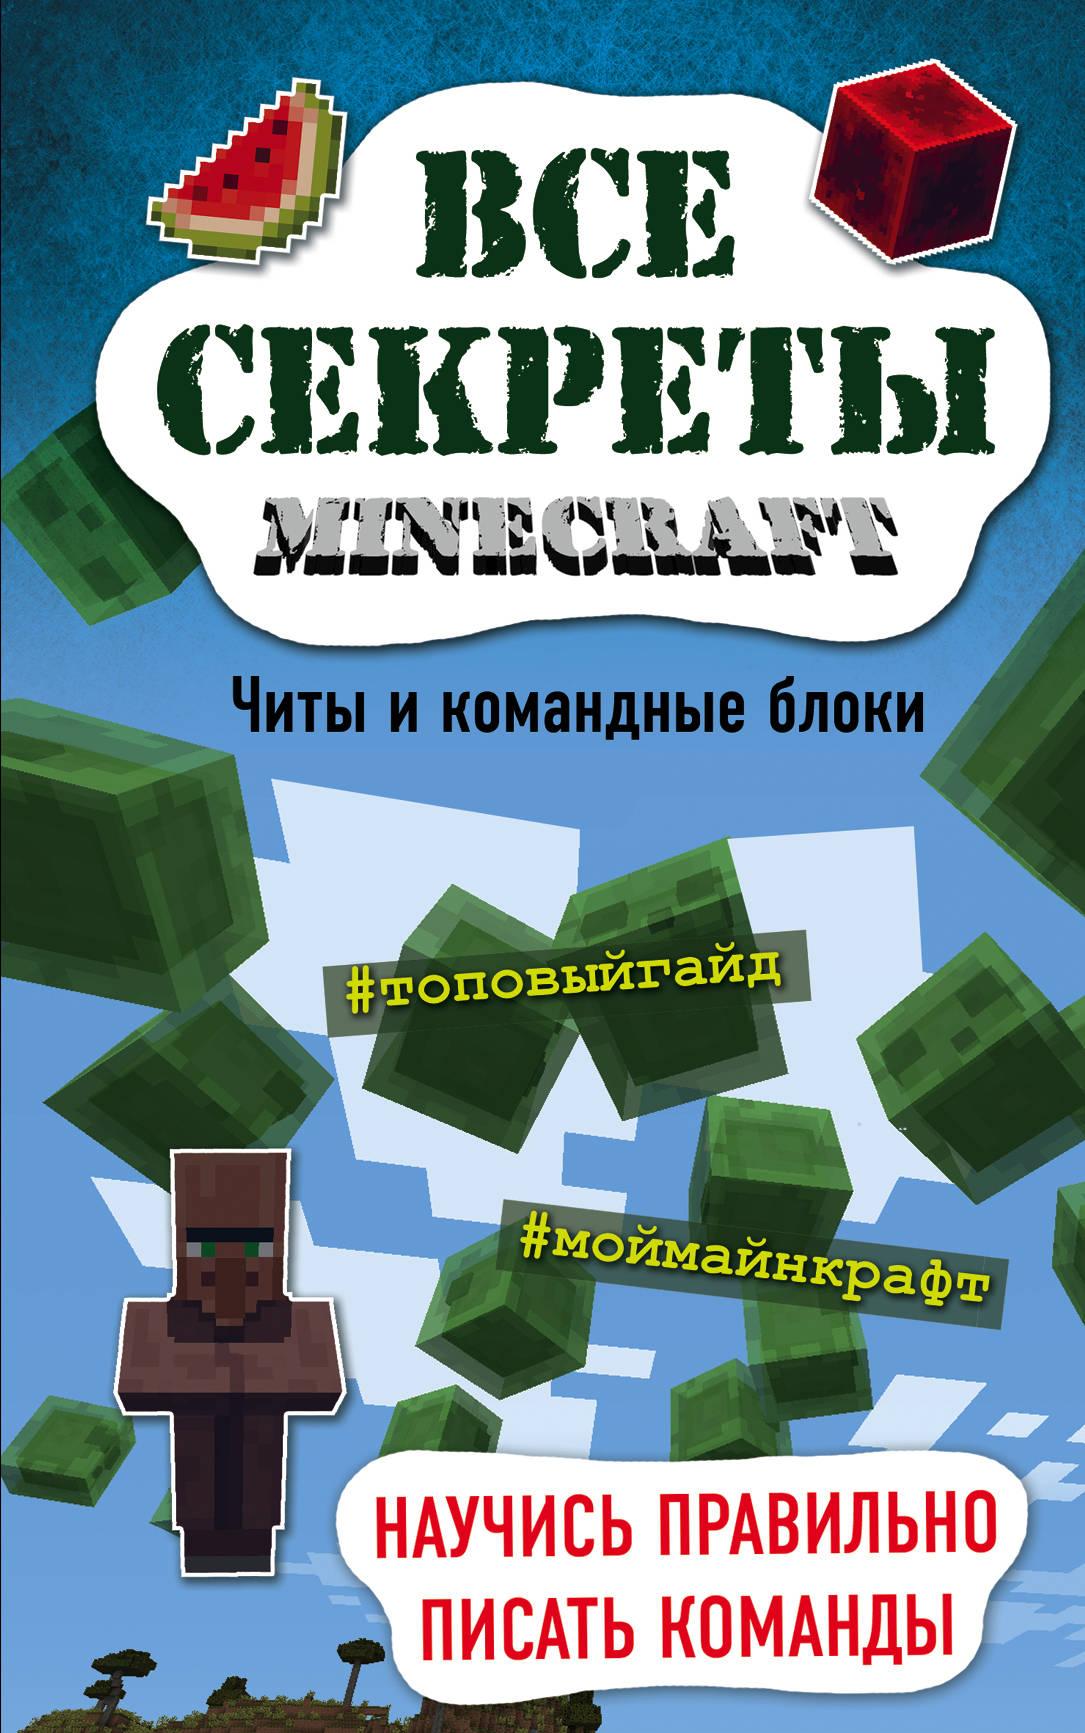 Скачать книгу все секреты minecraft меган миллер fb2 торрент полная книга